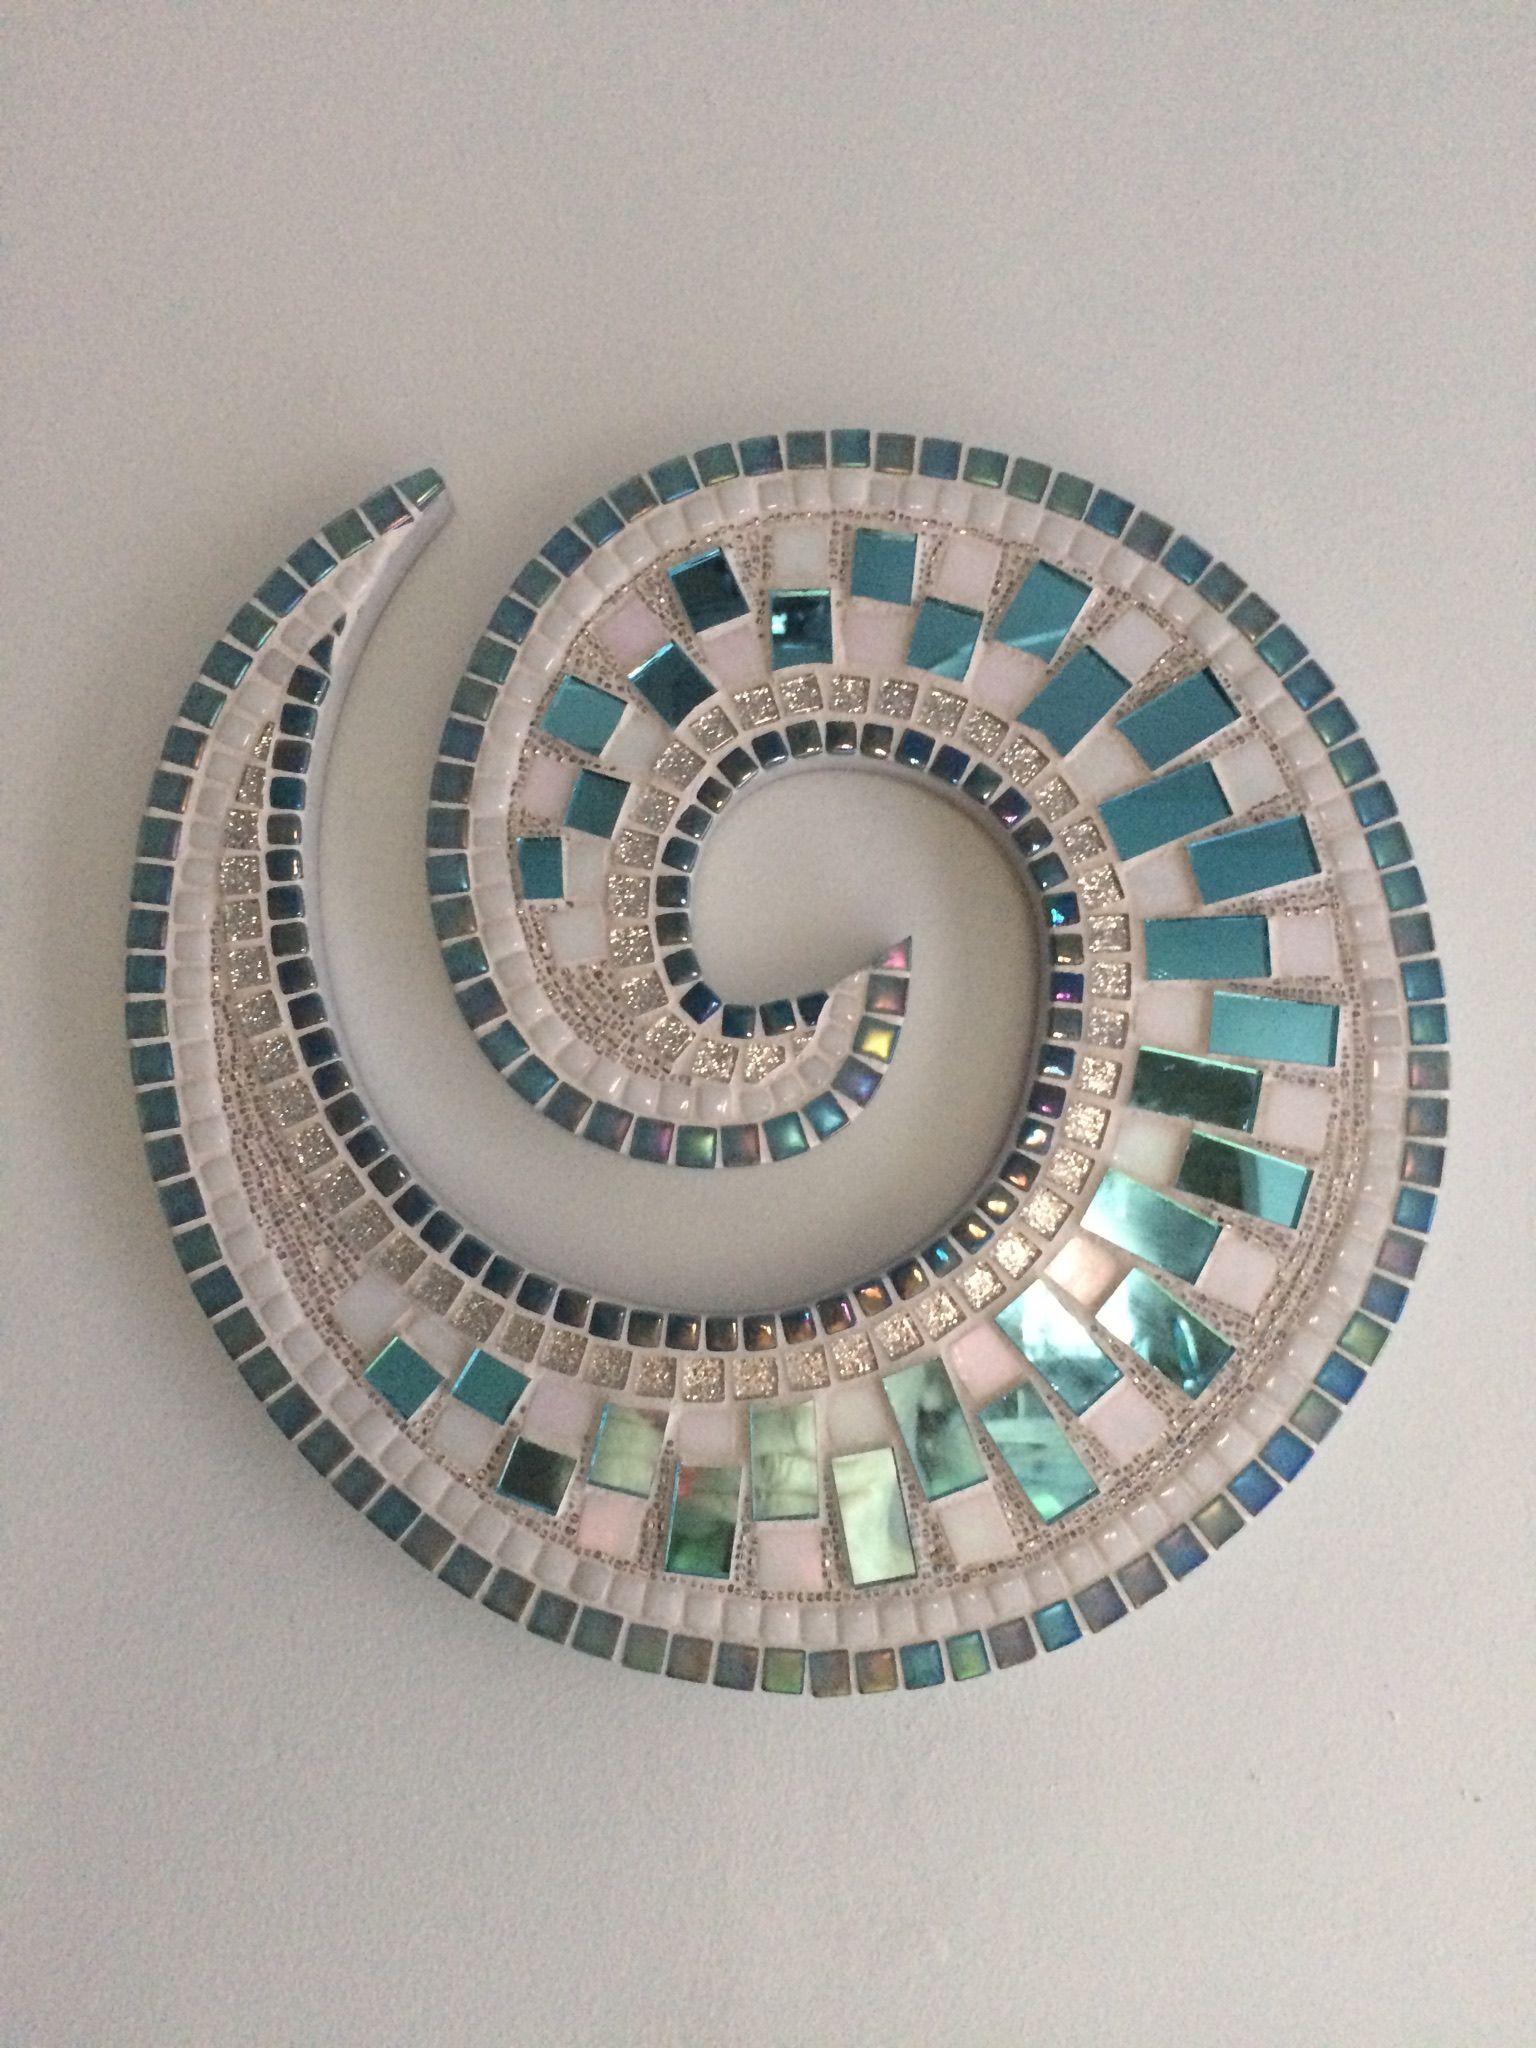 Pin de elsa monterrubio en Mosaicos | Pinterest | Mosaicos ...